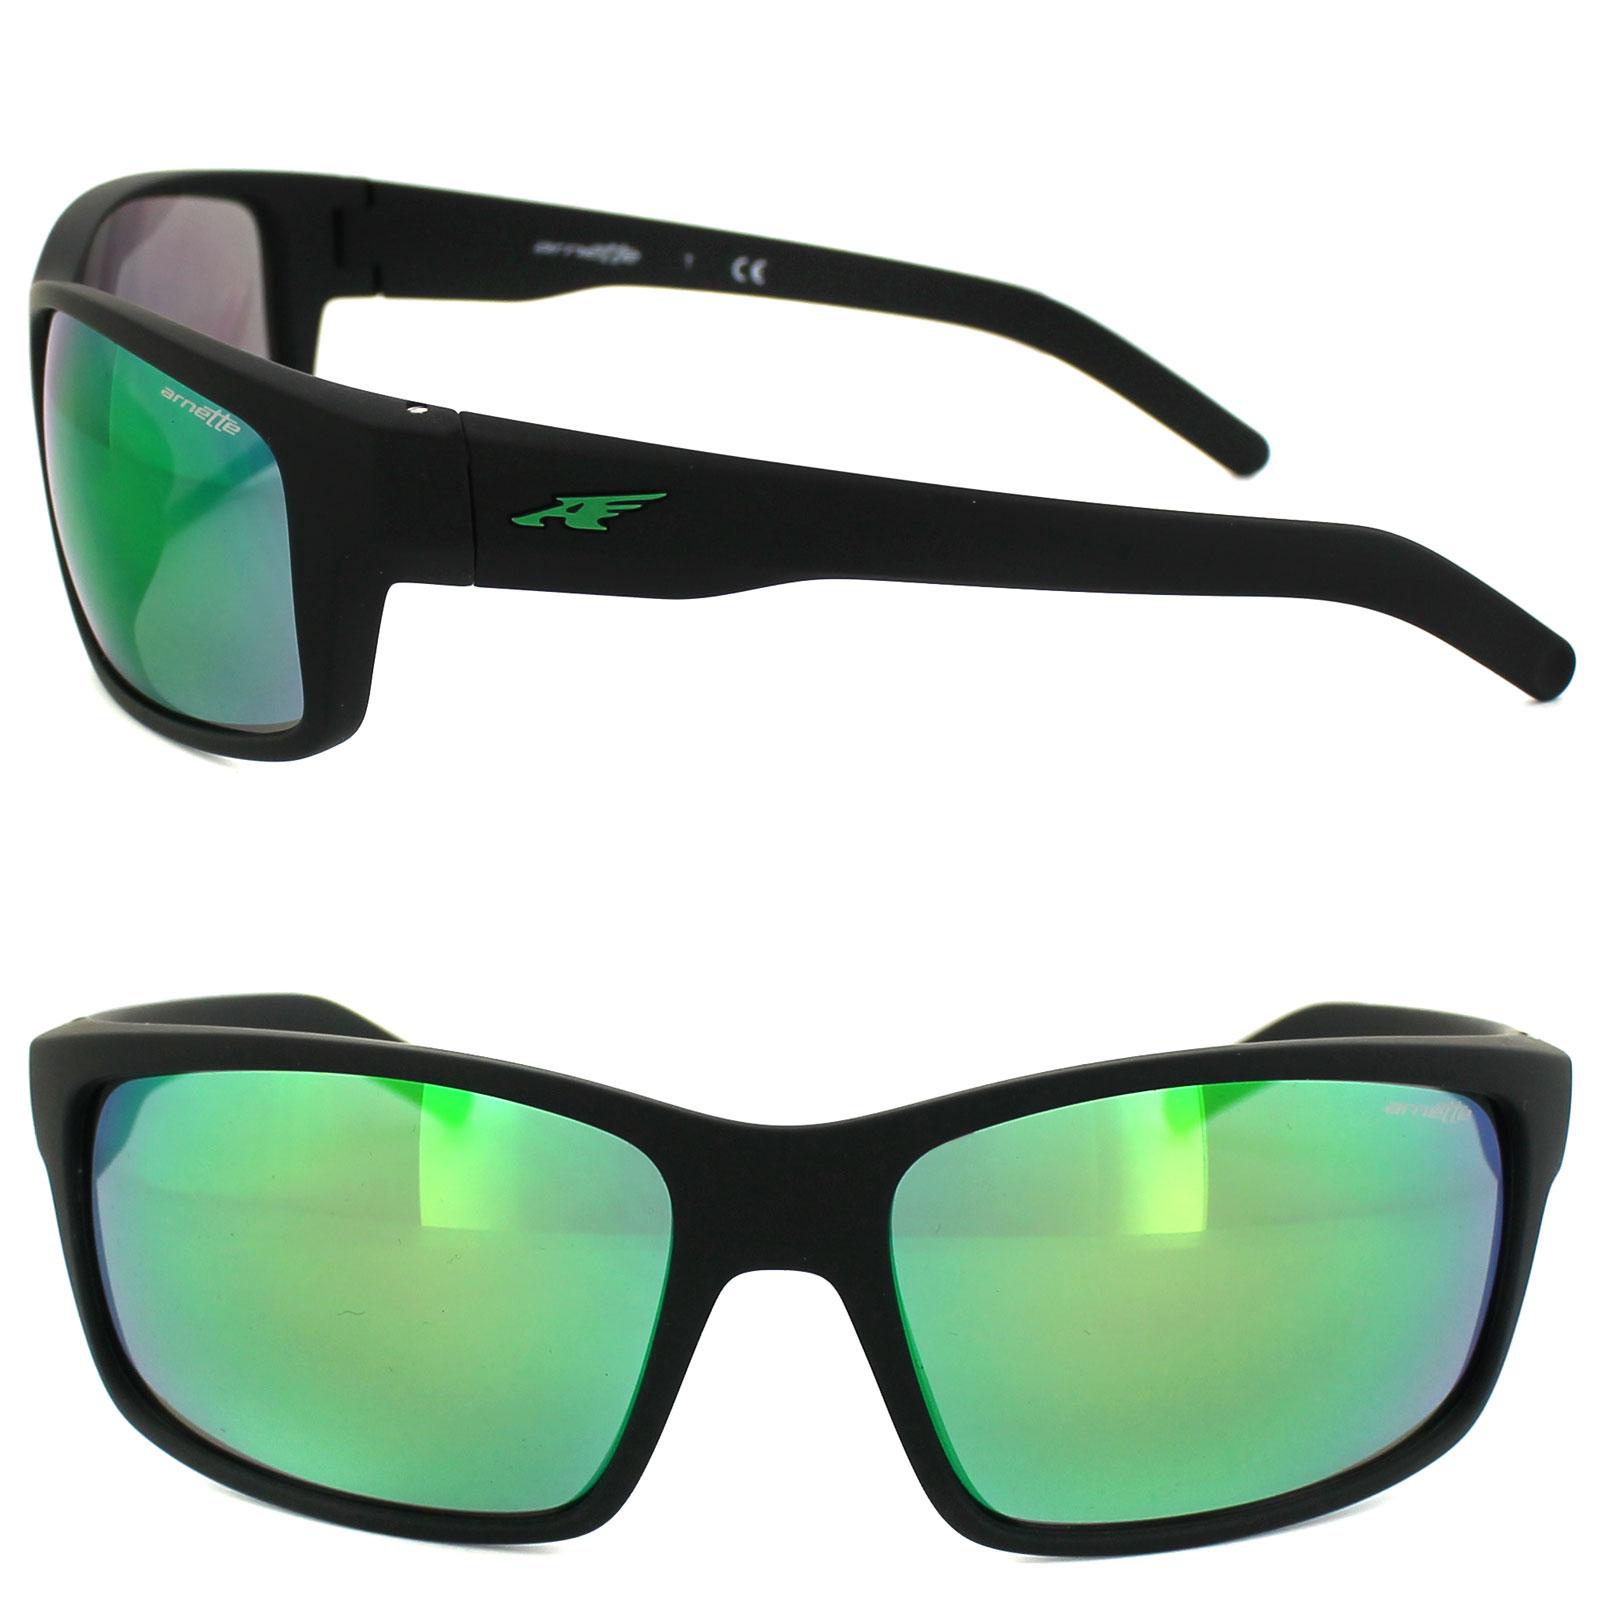 bc48beae2fe Arnette Sunglasses 4202 Fastball Thumbnail 1 Arnette Sunglasses 4202 Fastball  Thumbnail 2 ...